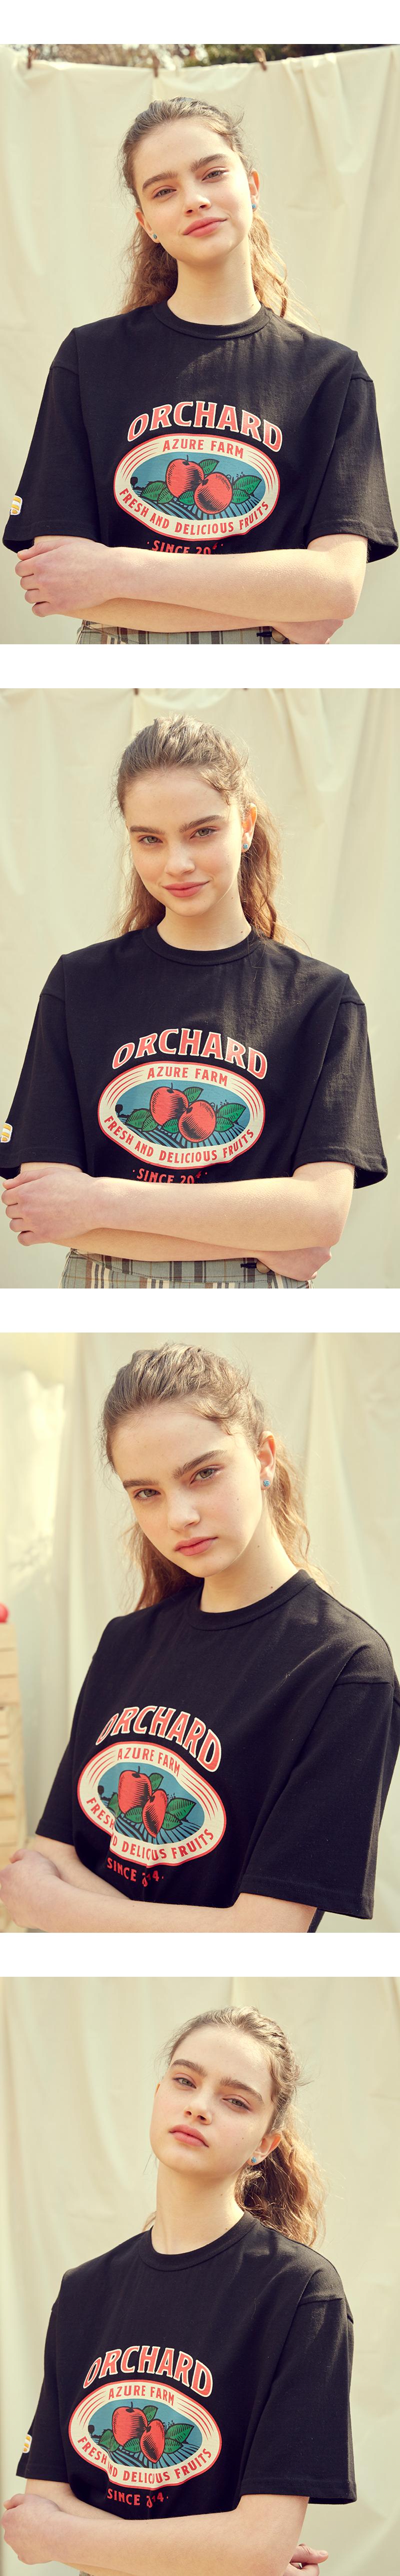 메인부스(MAINBOOTH) Apple T-shirt(BLACK)